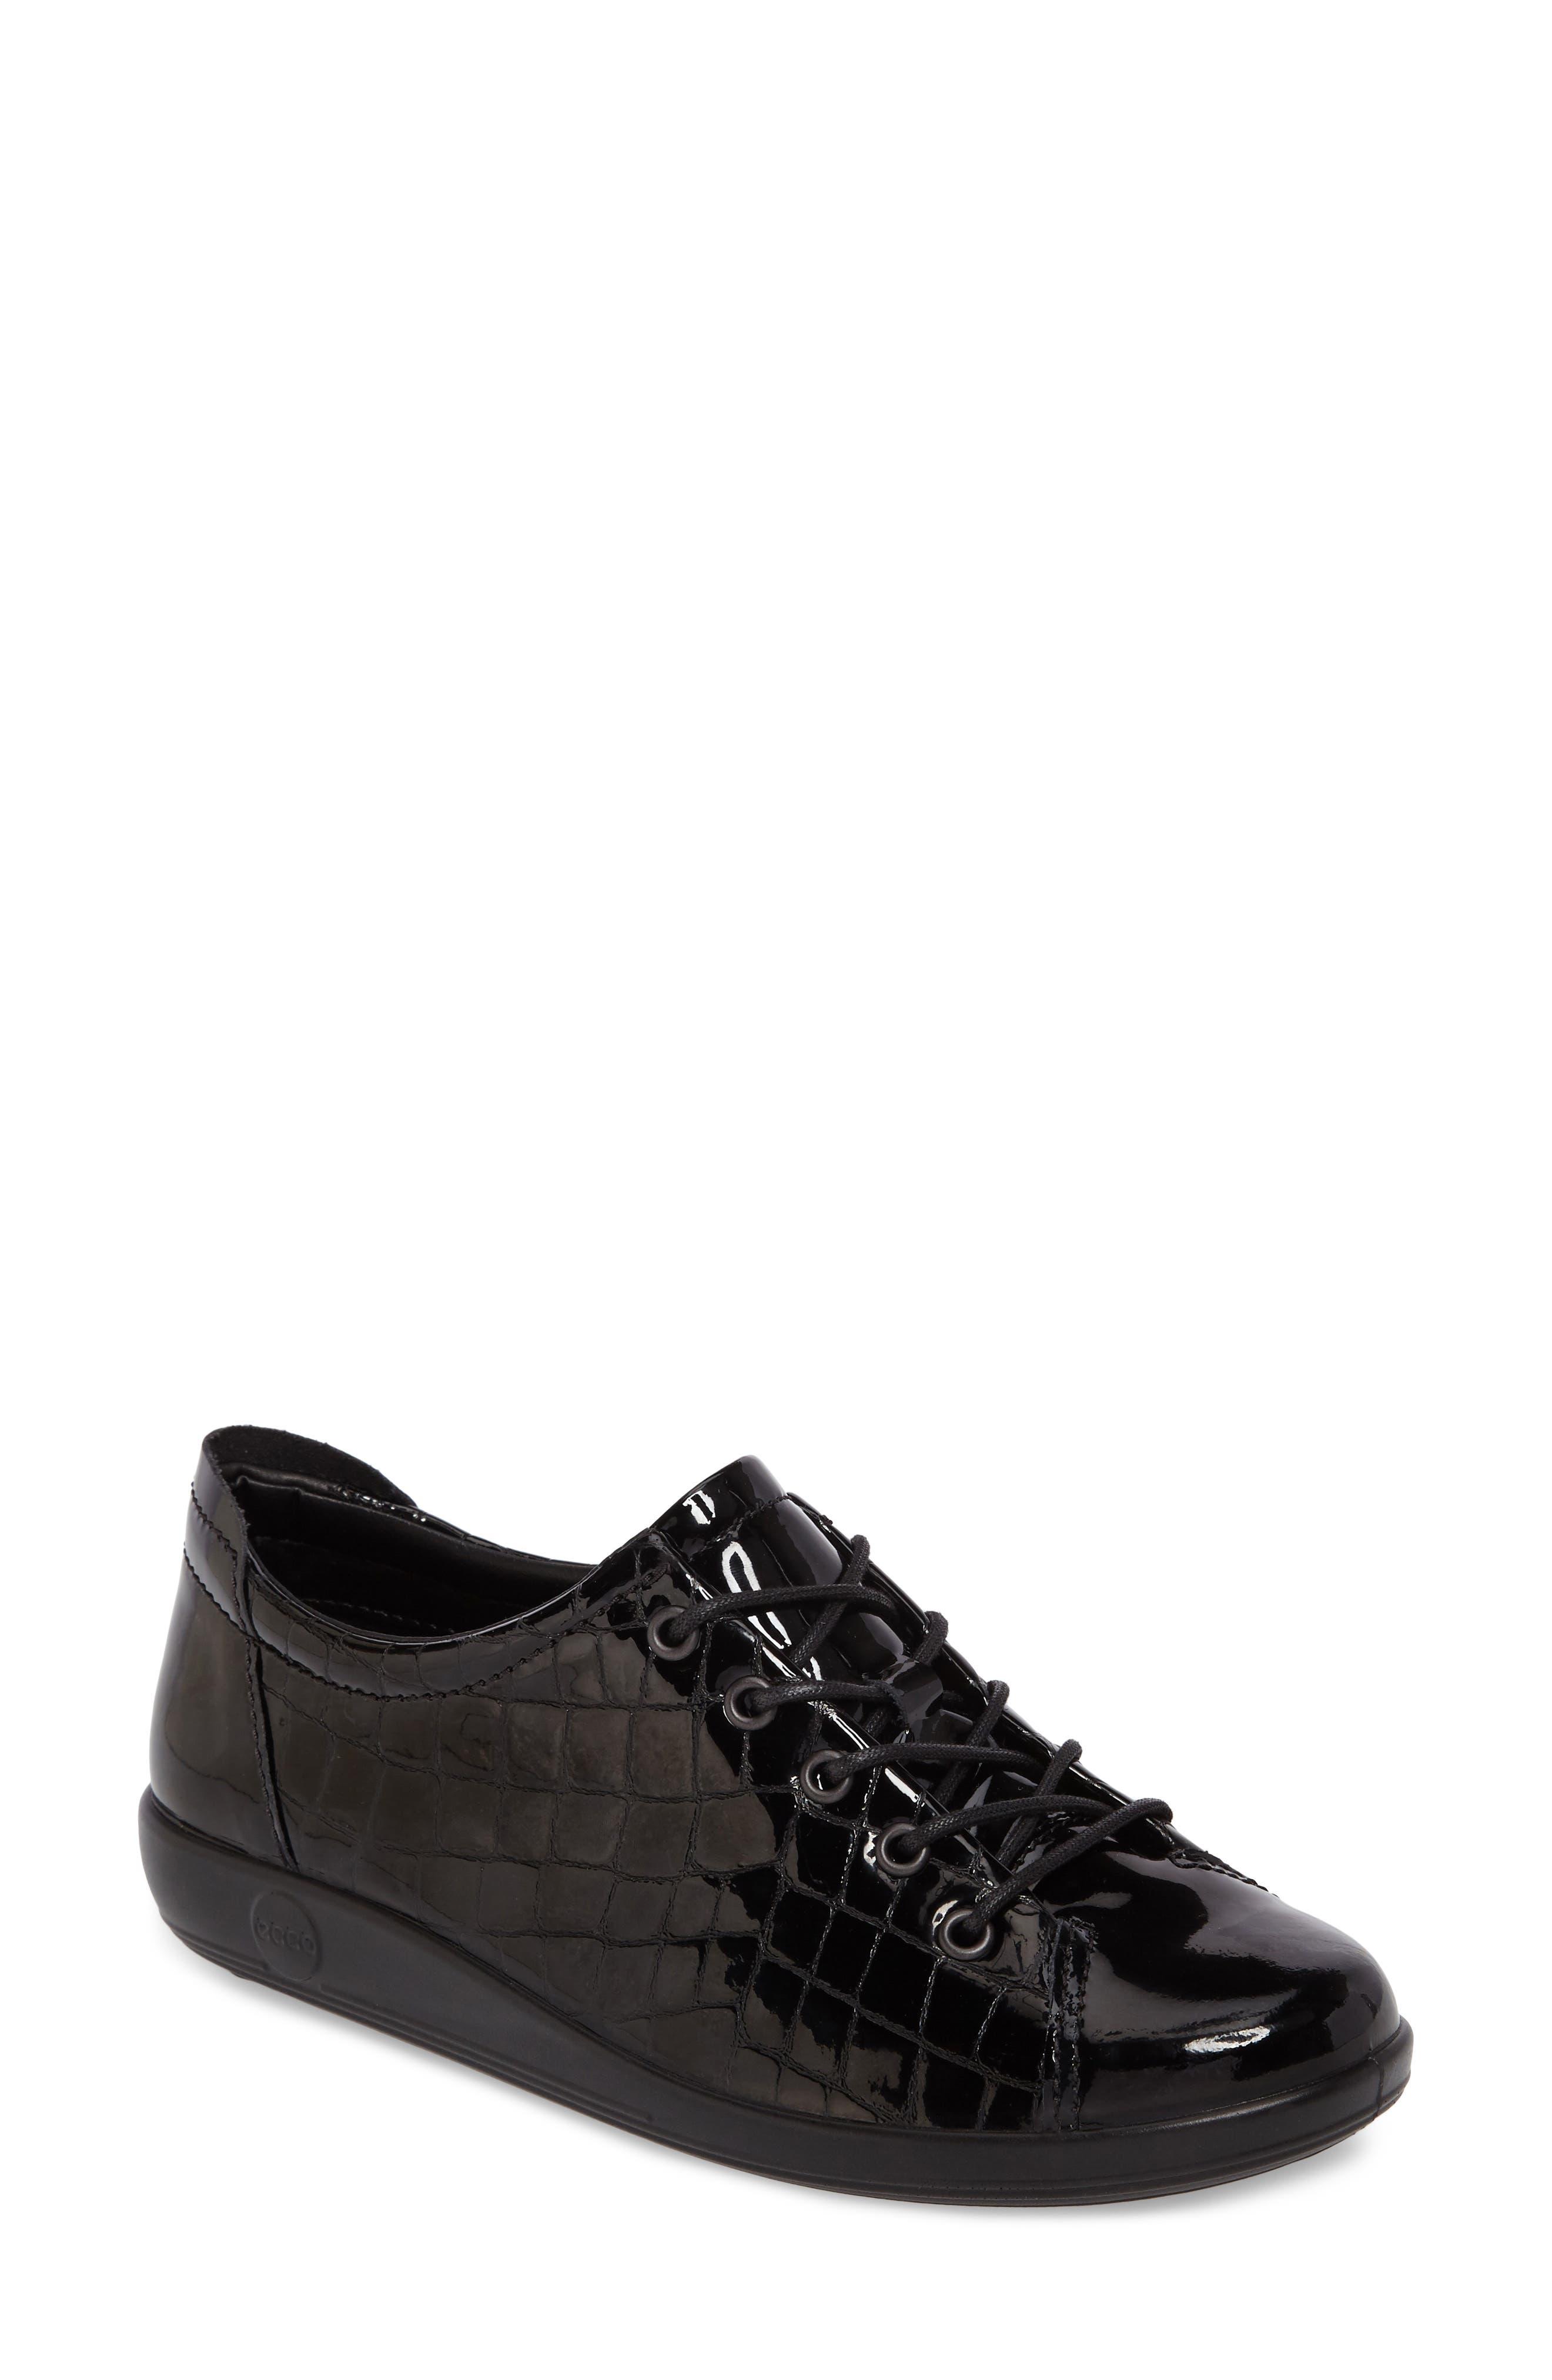 ECCO Soft 2.0 Sneaker